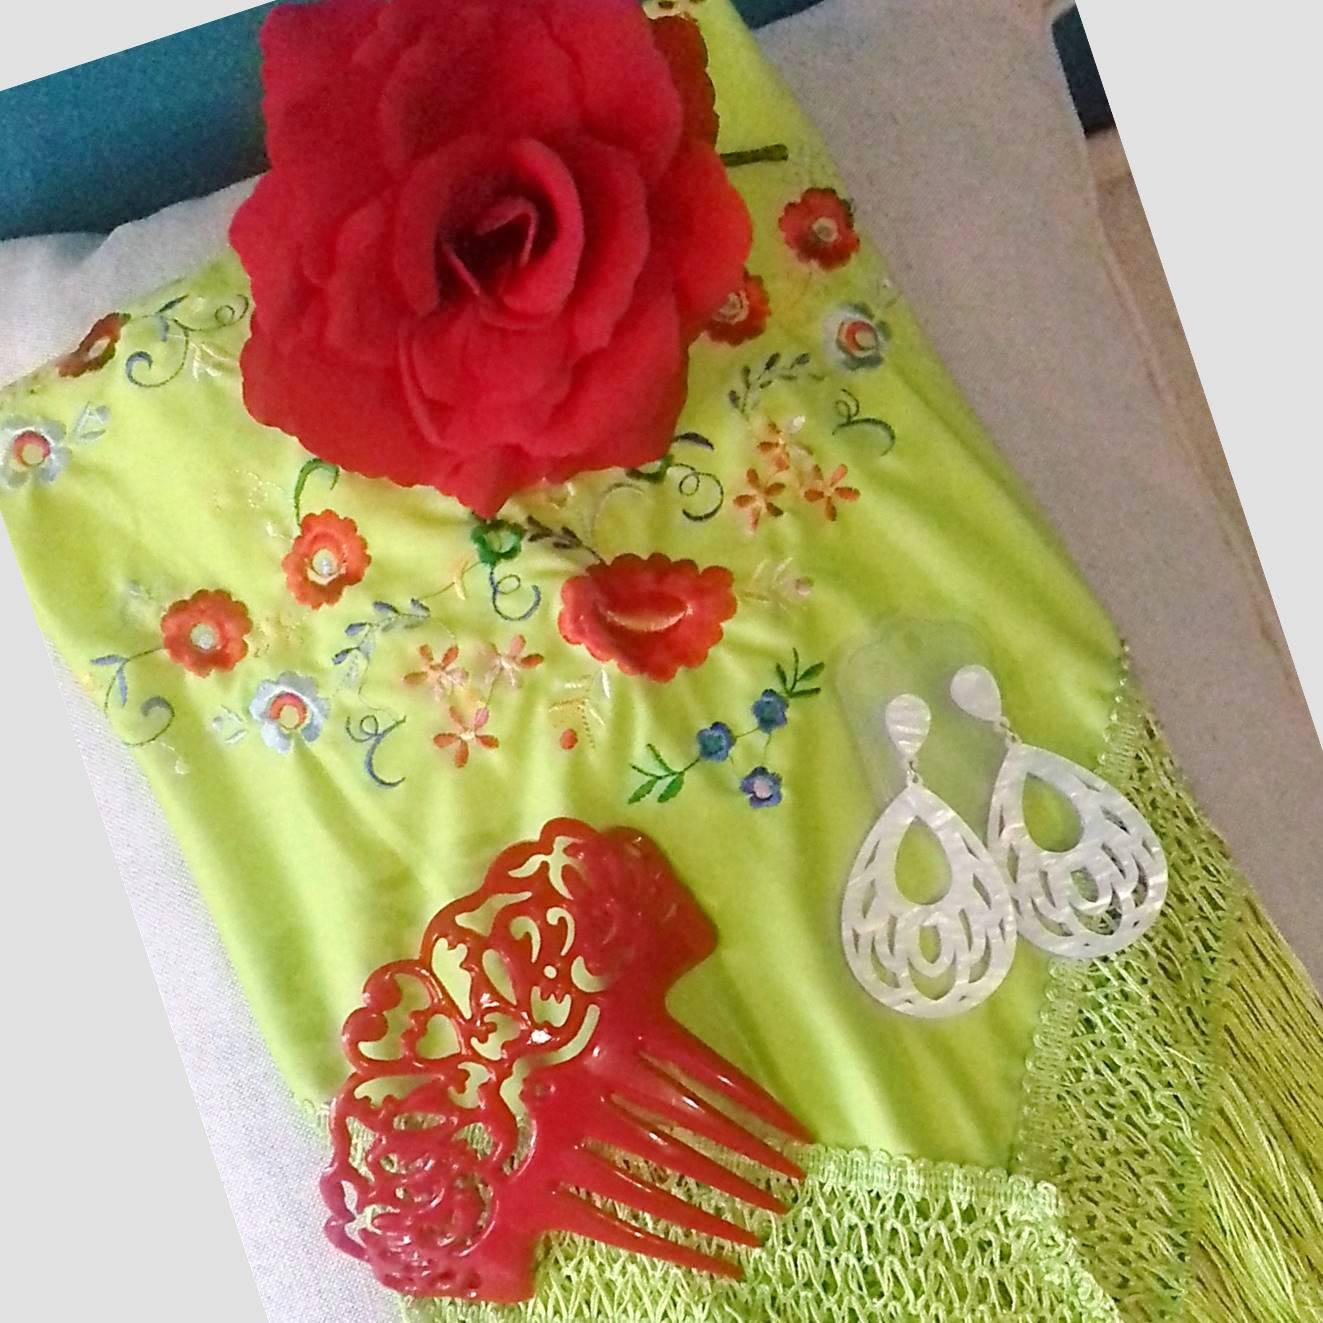 KIT VERANO FLAMENCO 02 - Xale espanhol verde, flor vermelha, brinco e peineta